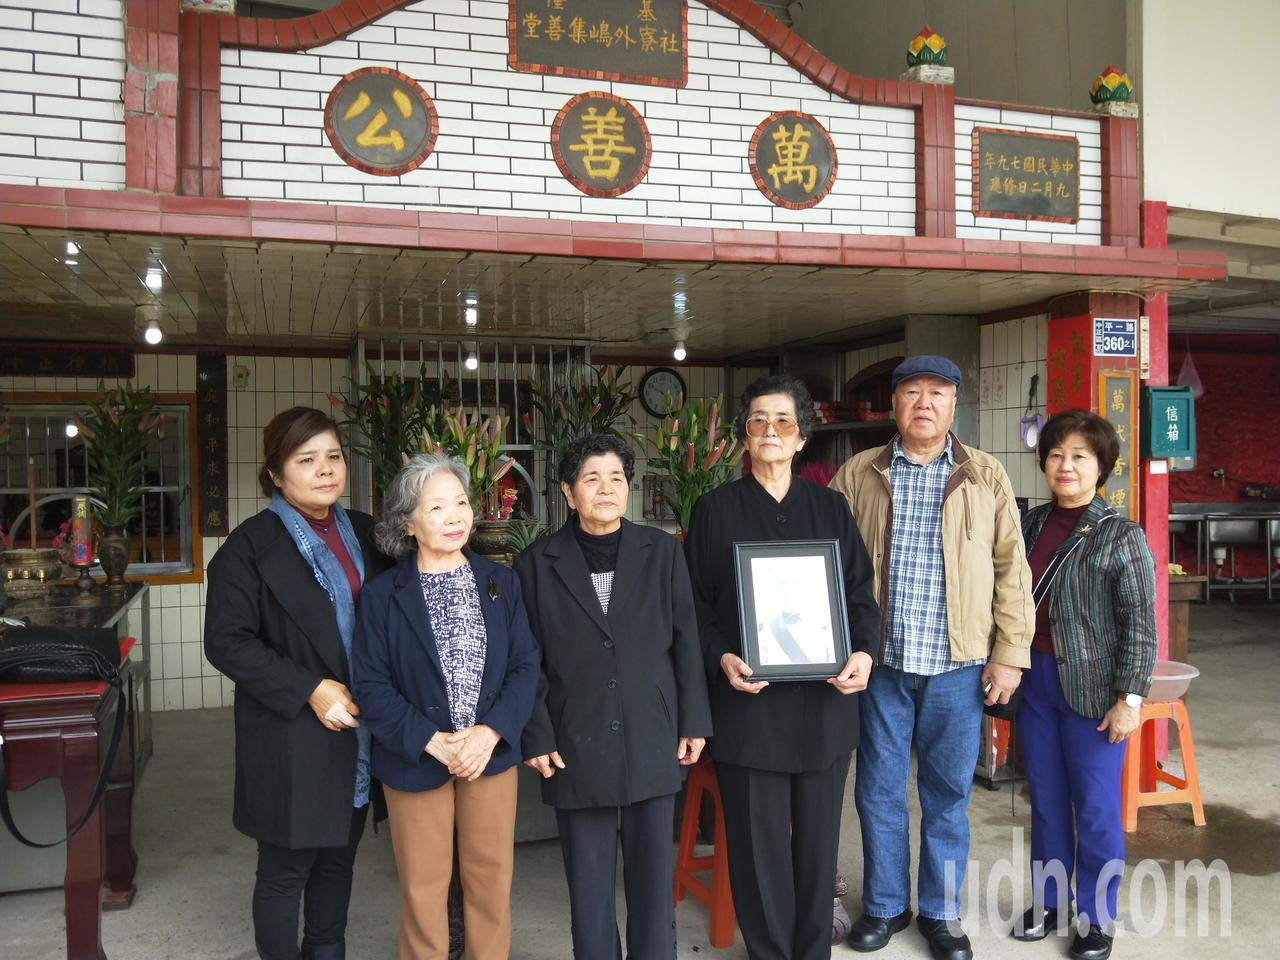 首位因228獲賠600萬的日籍受難者家屬青山惠昭,今天上午與另外2名受難者家屬,...